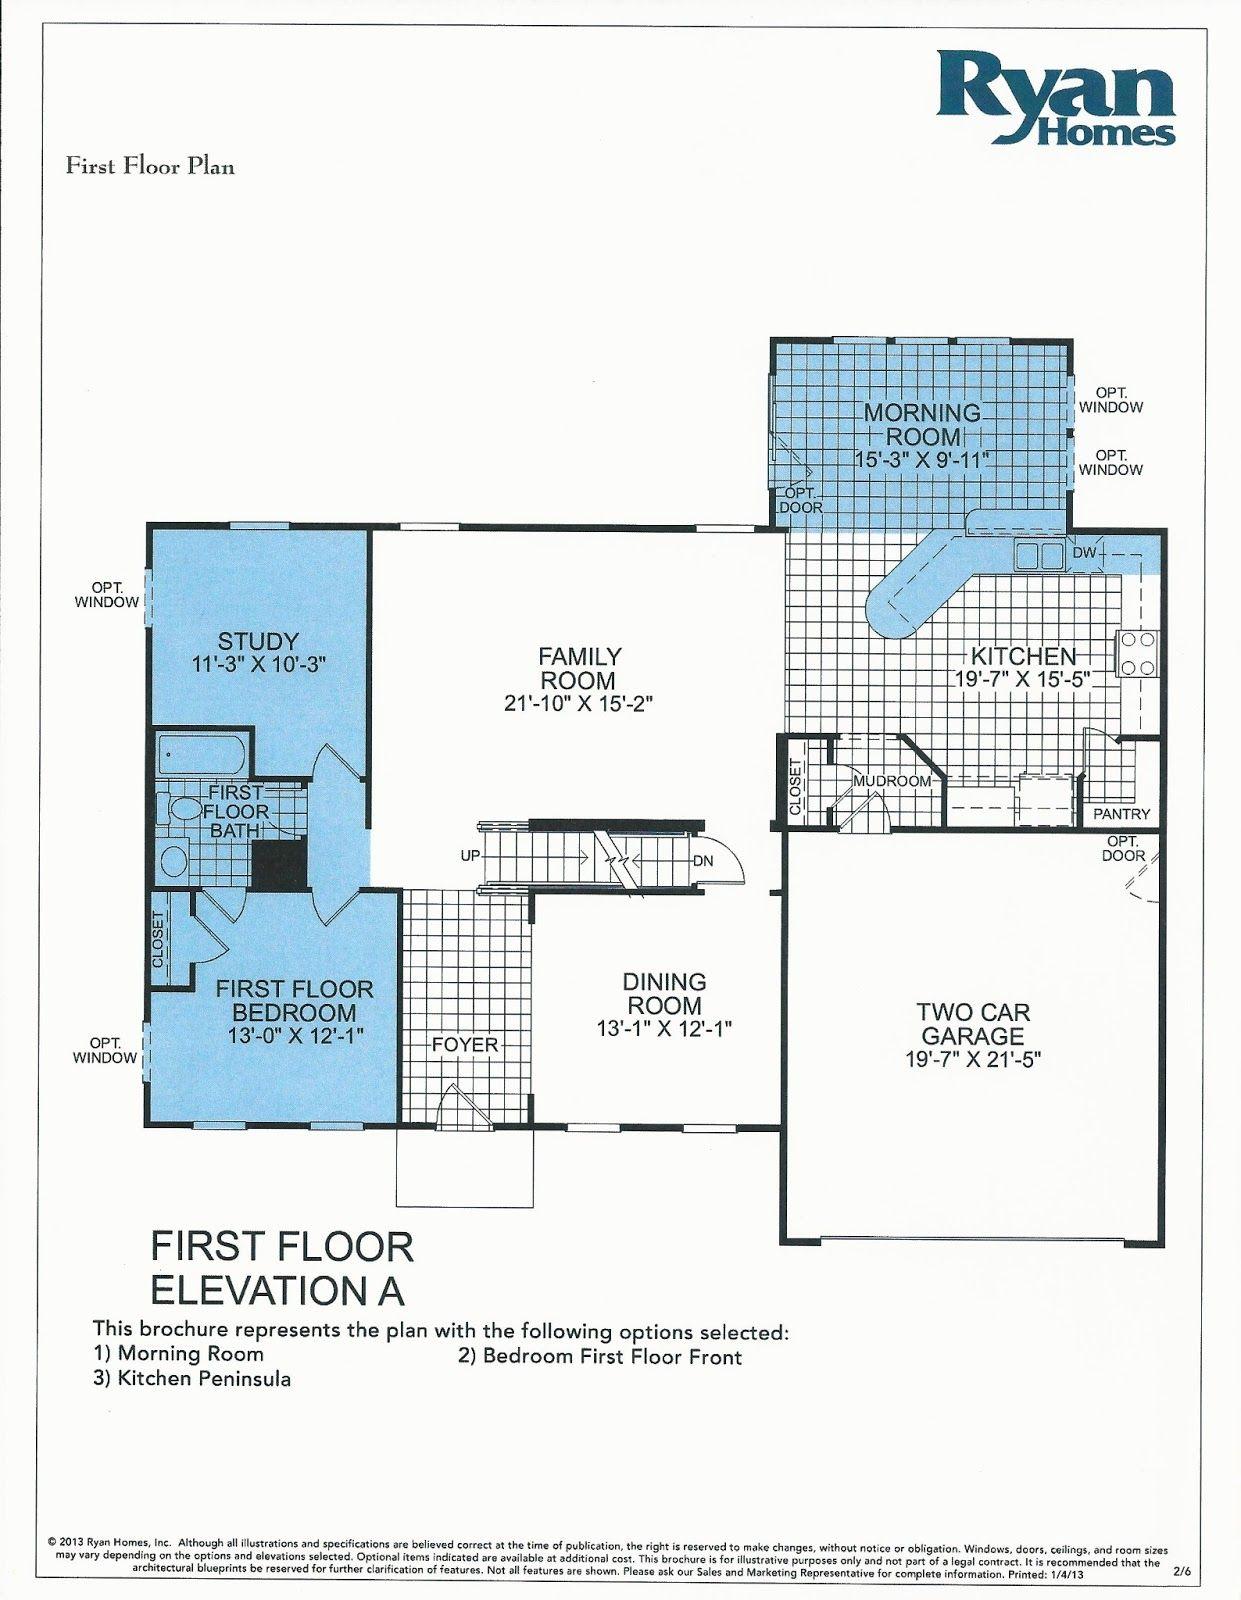 Building A Verona With Ryan Homes Verona Floor Plan Ryan Homes Floor Plans Ryan Homes Venice